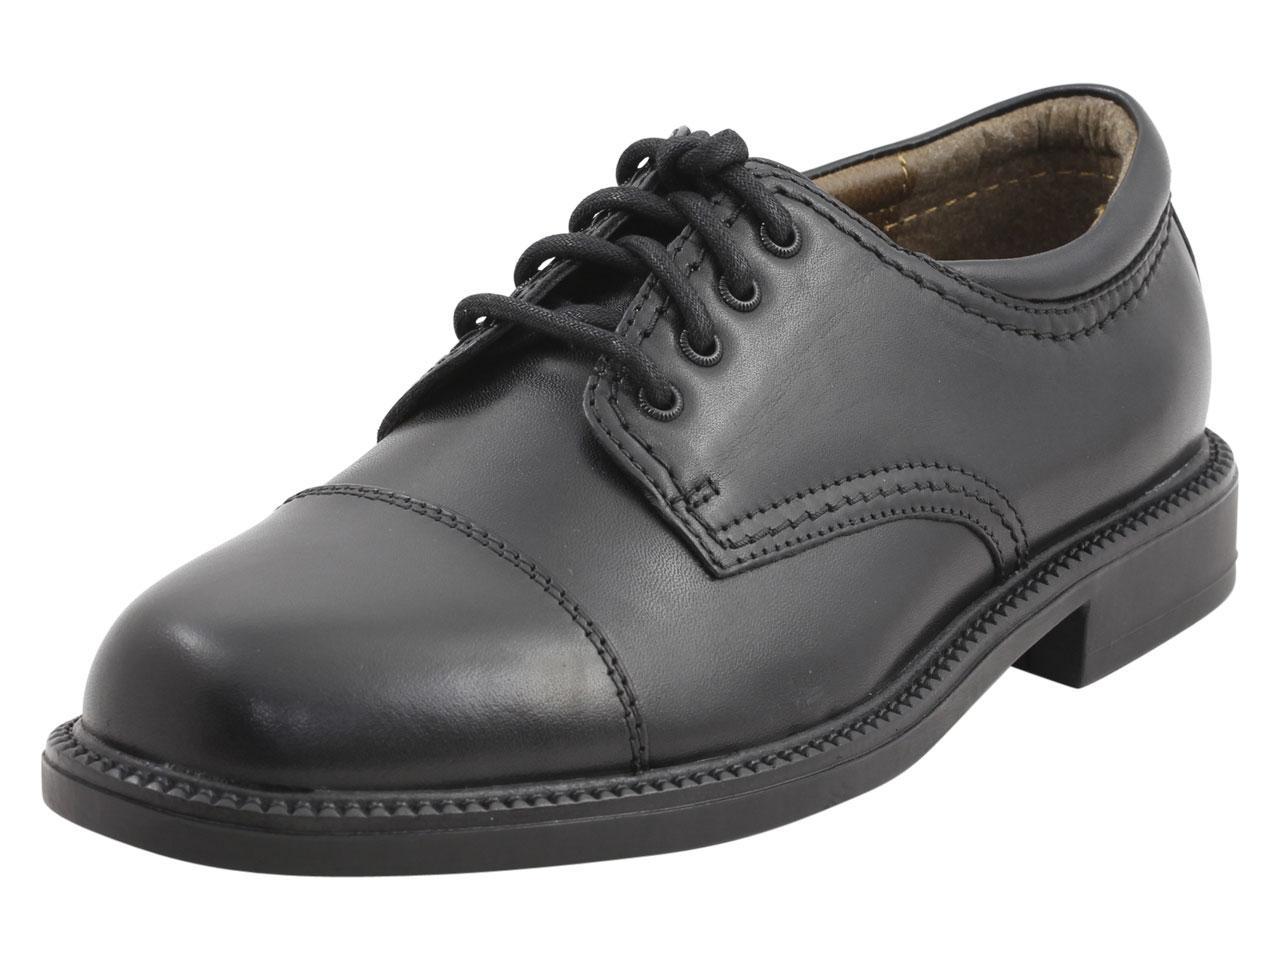 Image of Dockers Men's Gordon Cap Toe Oxfords Shoes - Black - 12 D(M) US